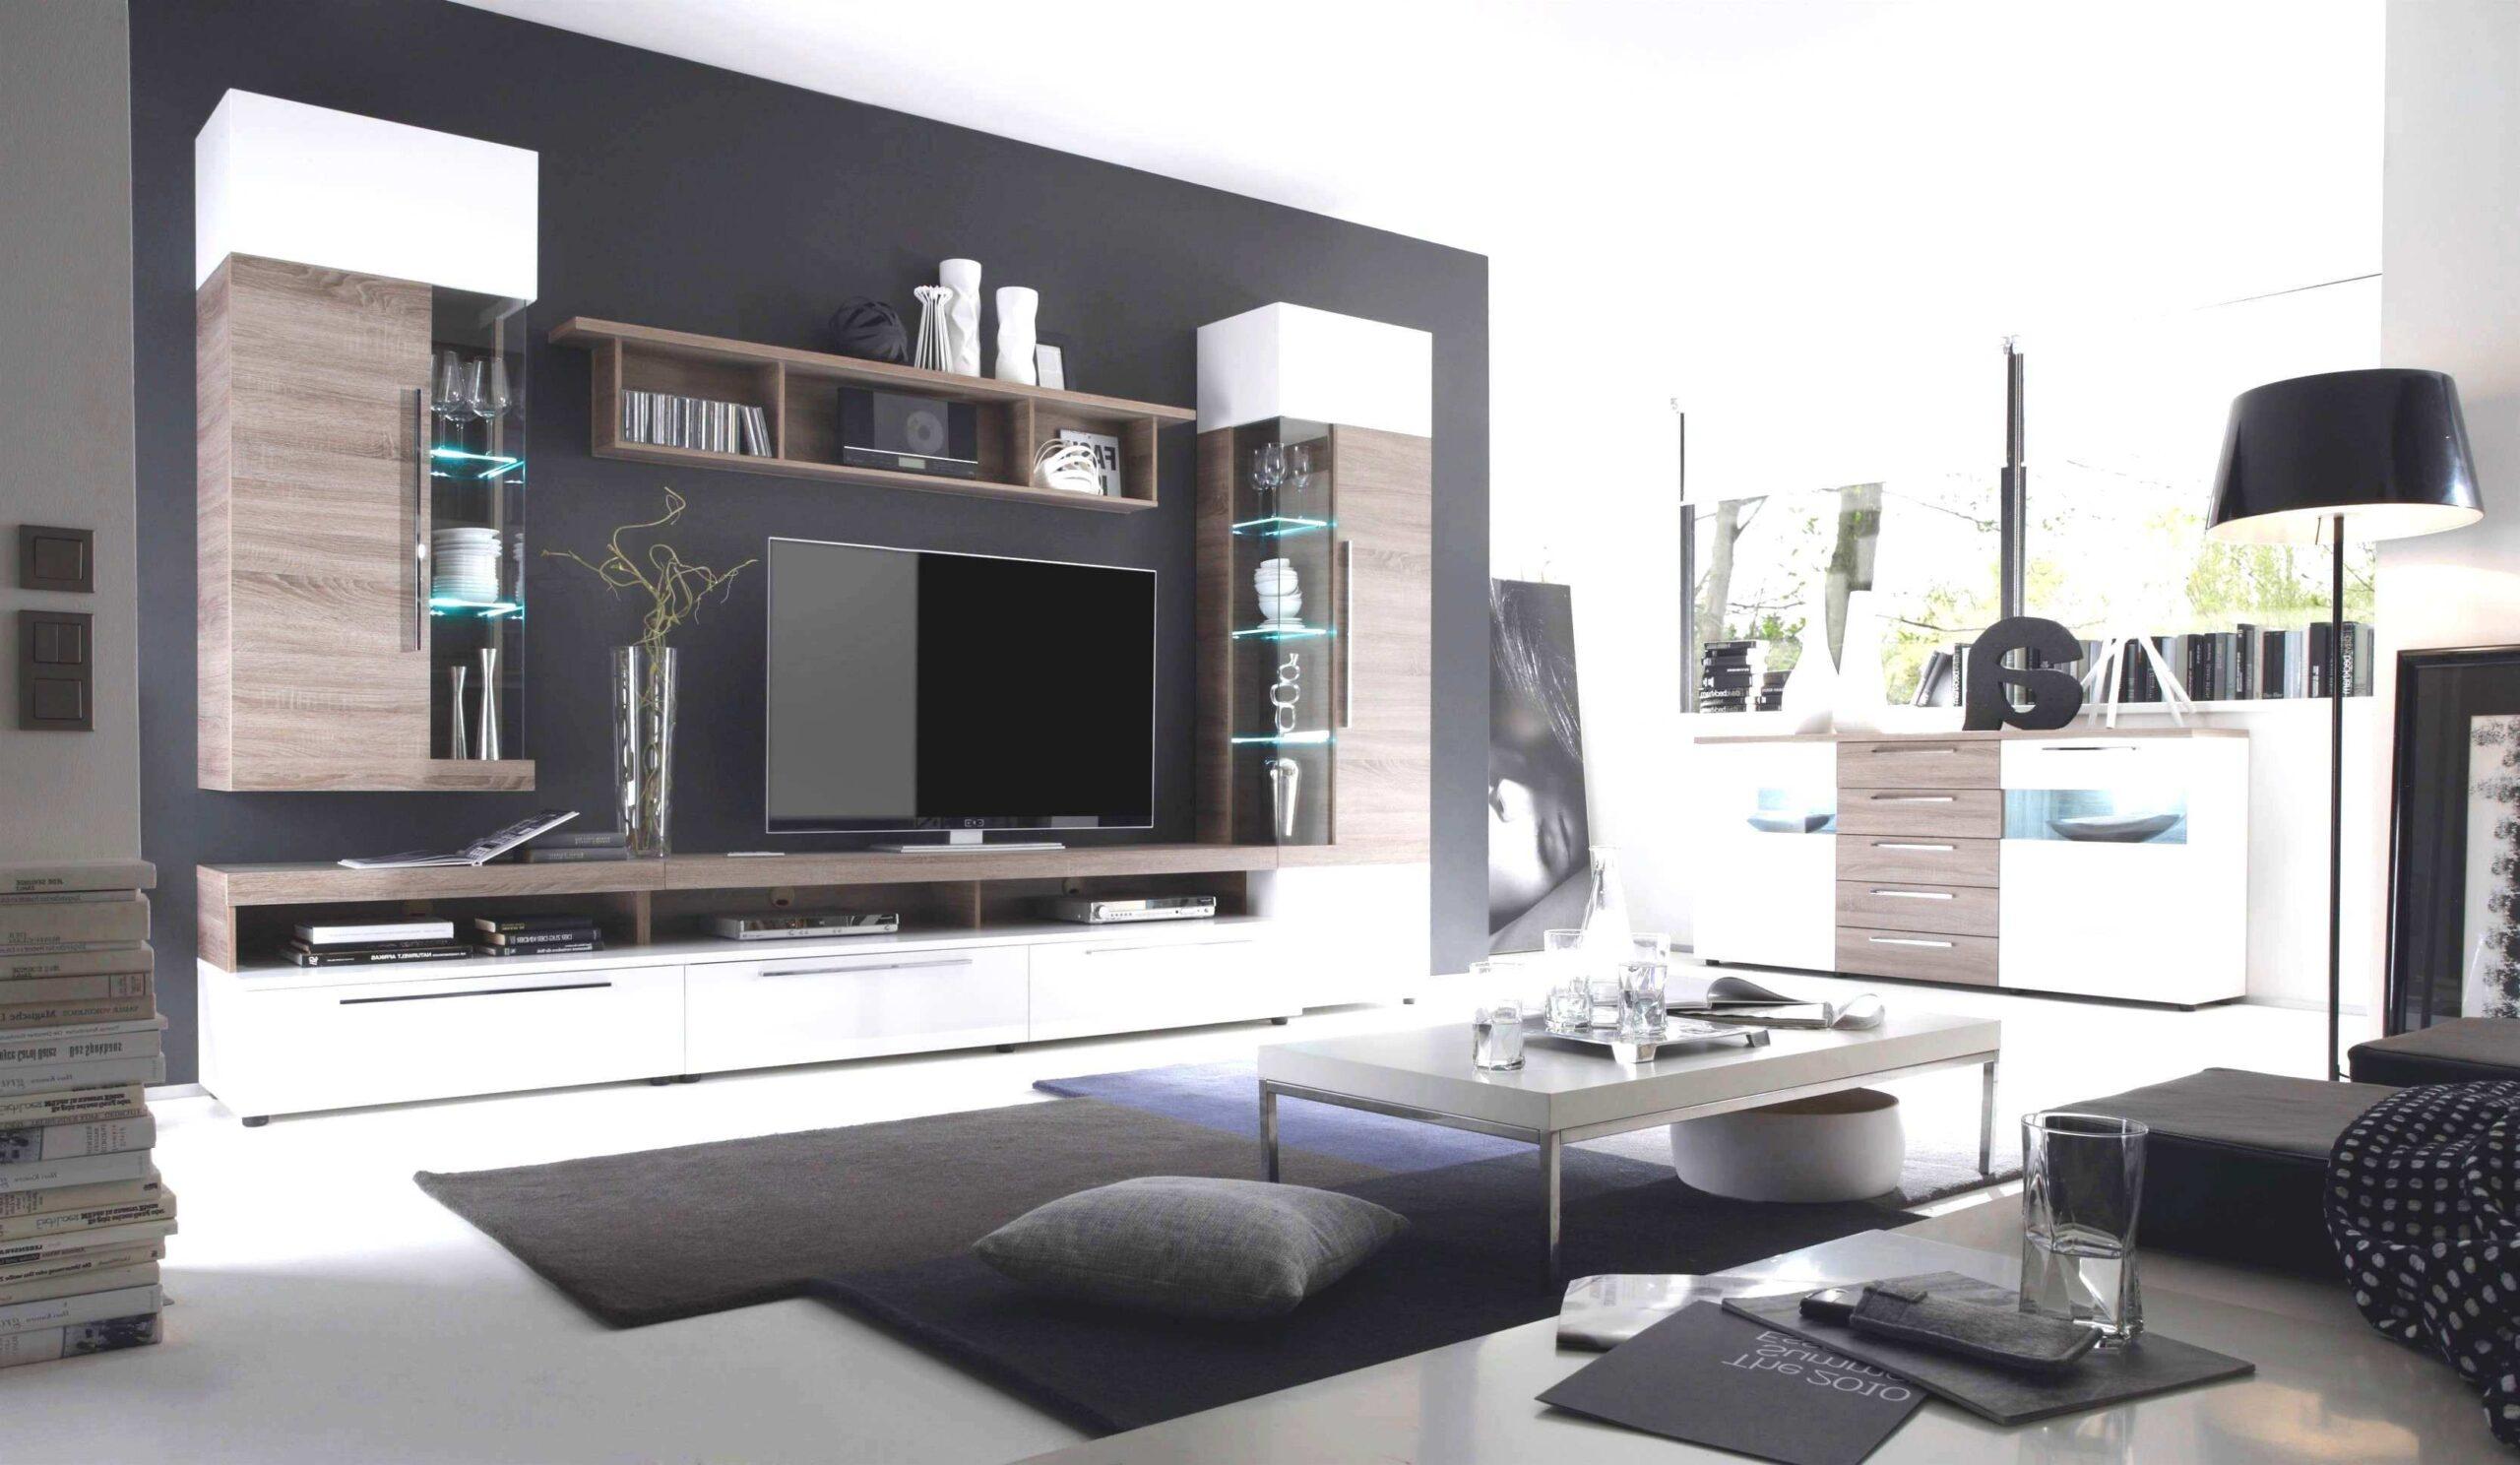 Full Size of Wohnzimmer Modern Holz Eiche Rustikal Modernisieren Gestalten Ideen Dekoration Streichen Grau Luxus Mit Kamin Altes Tapeten Schn 50 Von Tapete Deckenleuchte Wohnzimmer Wohnzimmer Modern